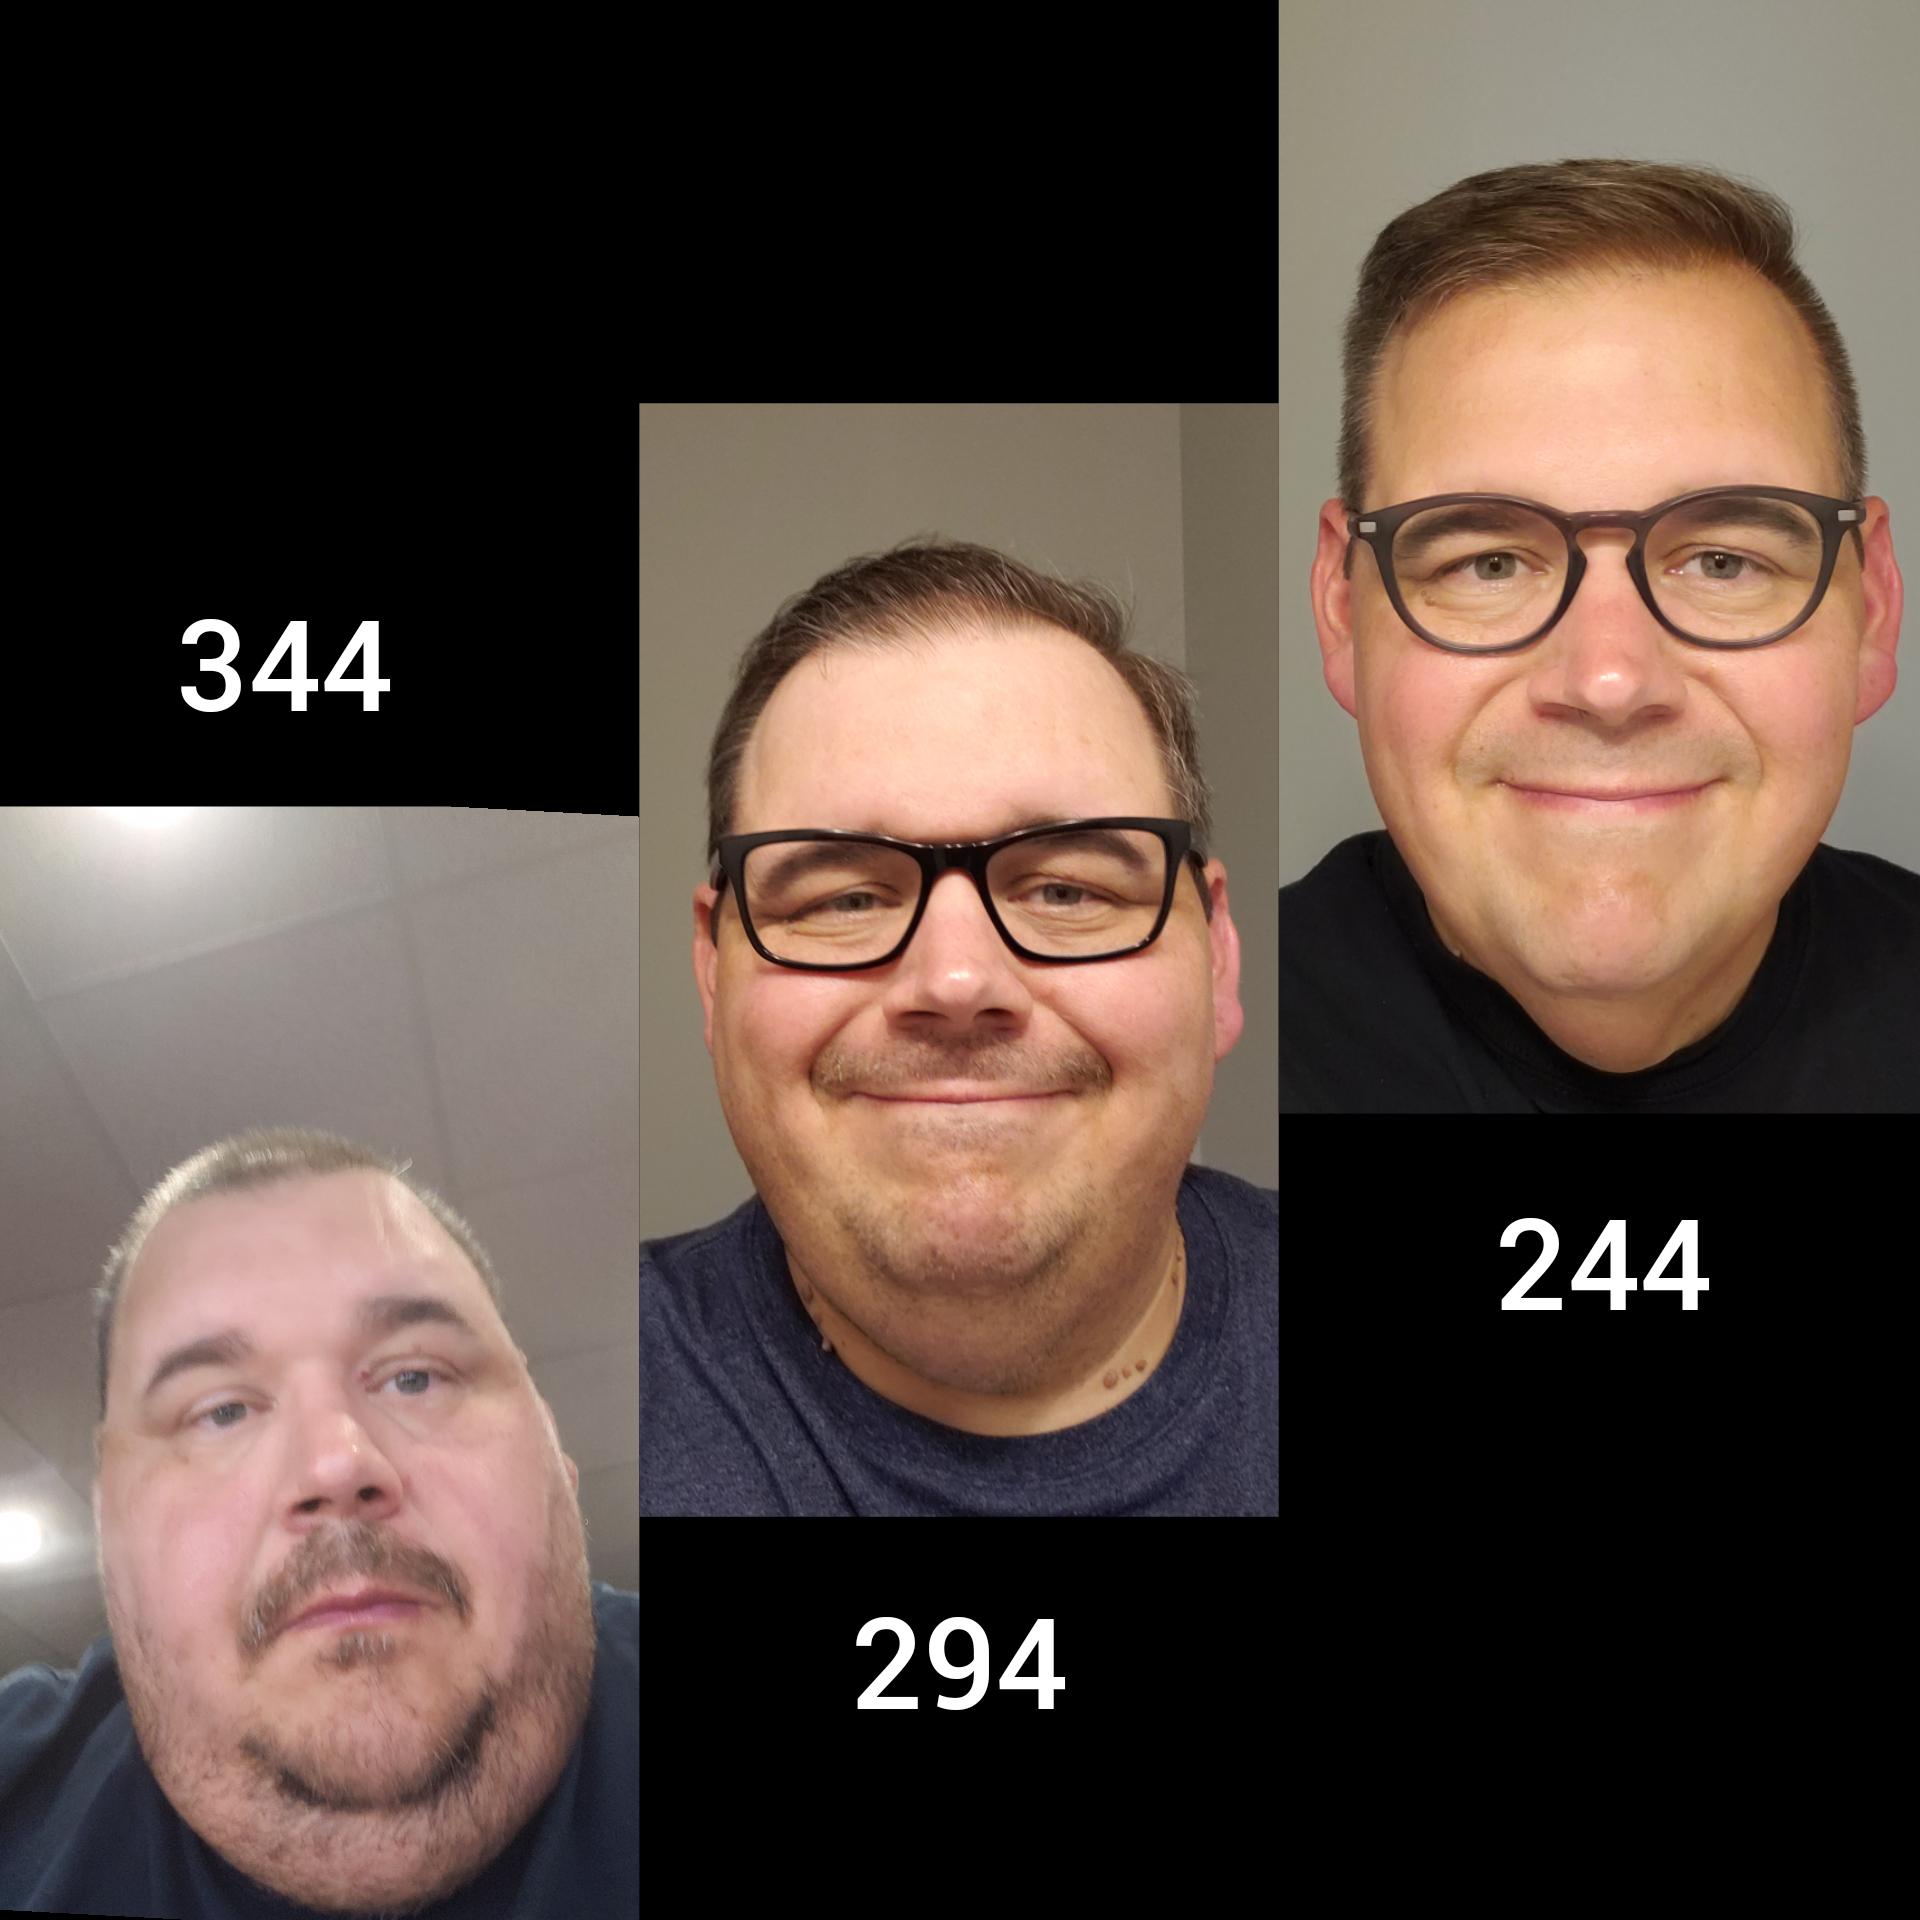 Progress Pics of 100 lbs Fat Loss 5'10 Male 344 lbs to 244 lbs